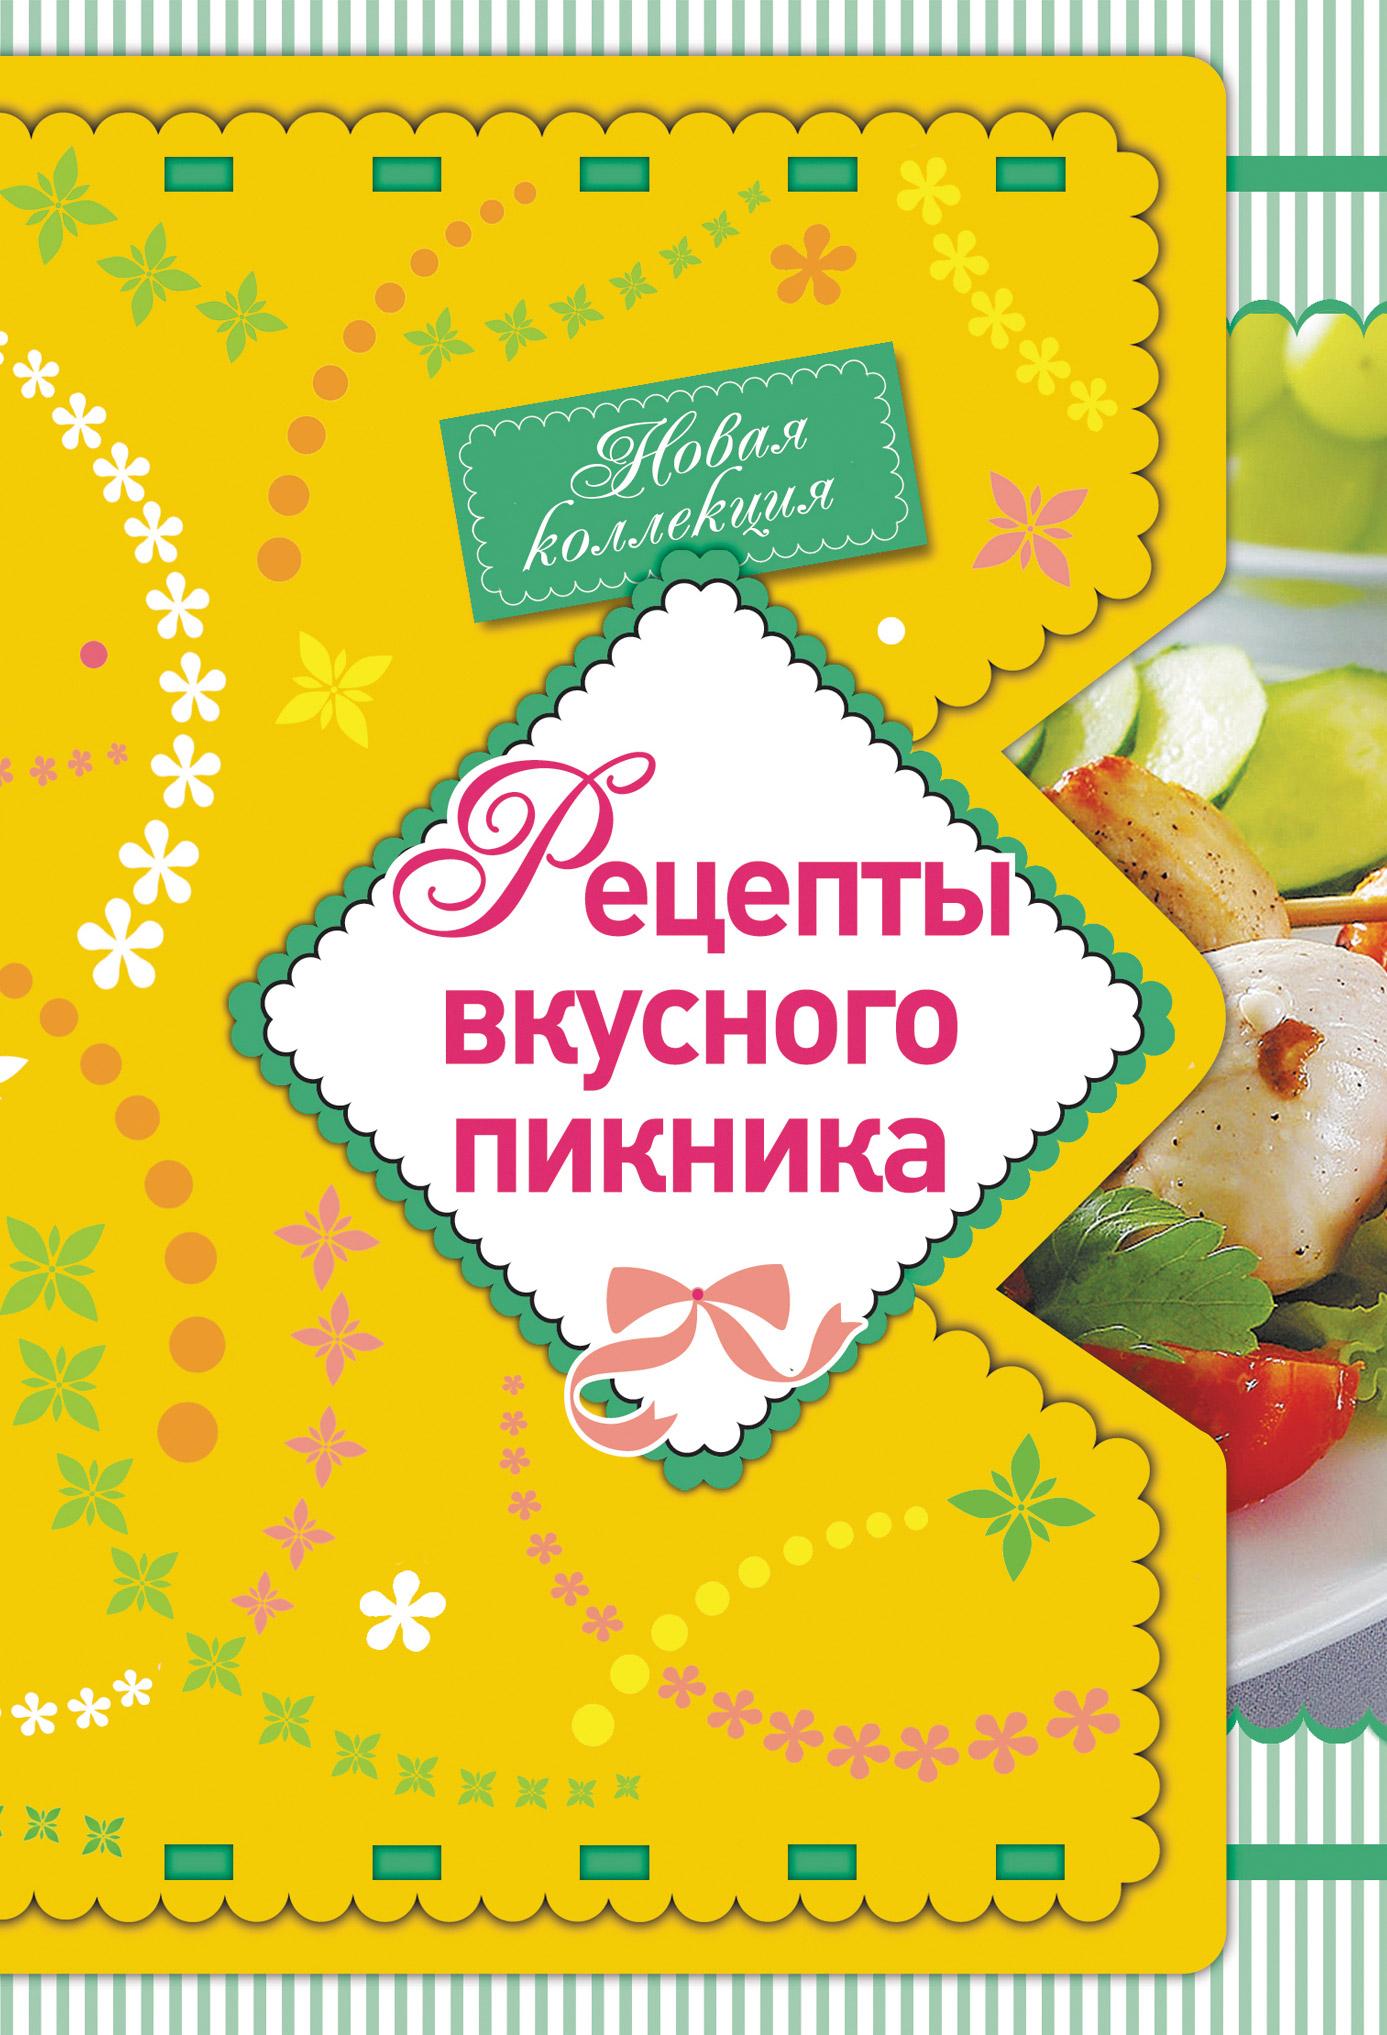 Отсутствует Рецепты вкусного пикника меню для пикника с шашлыками